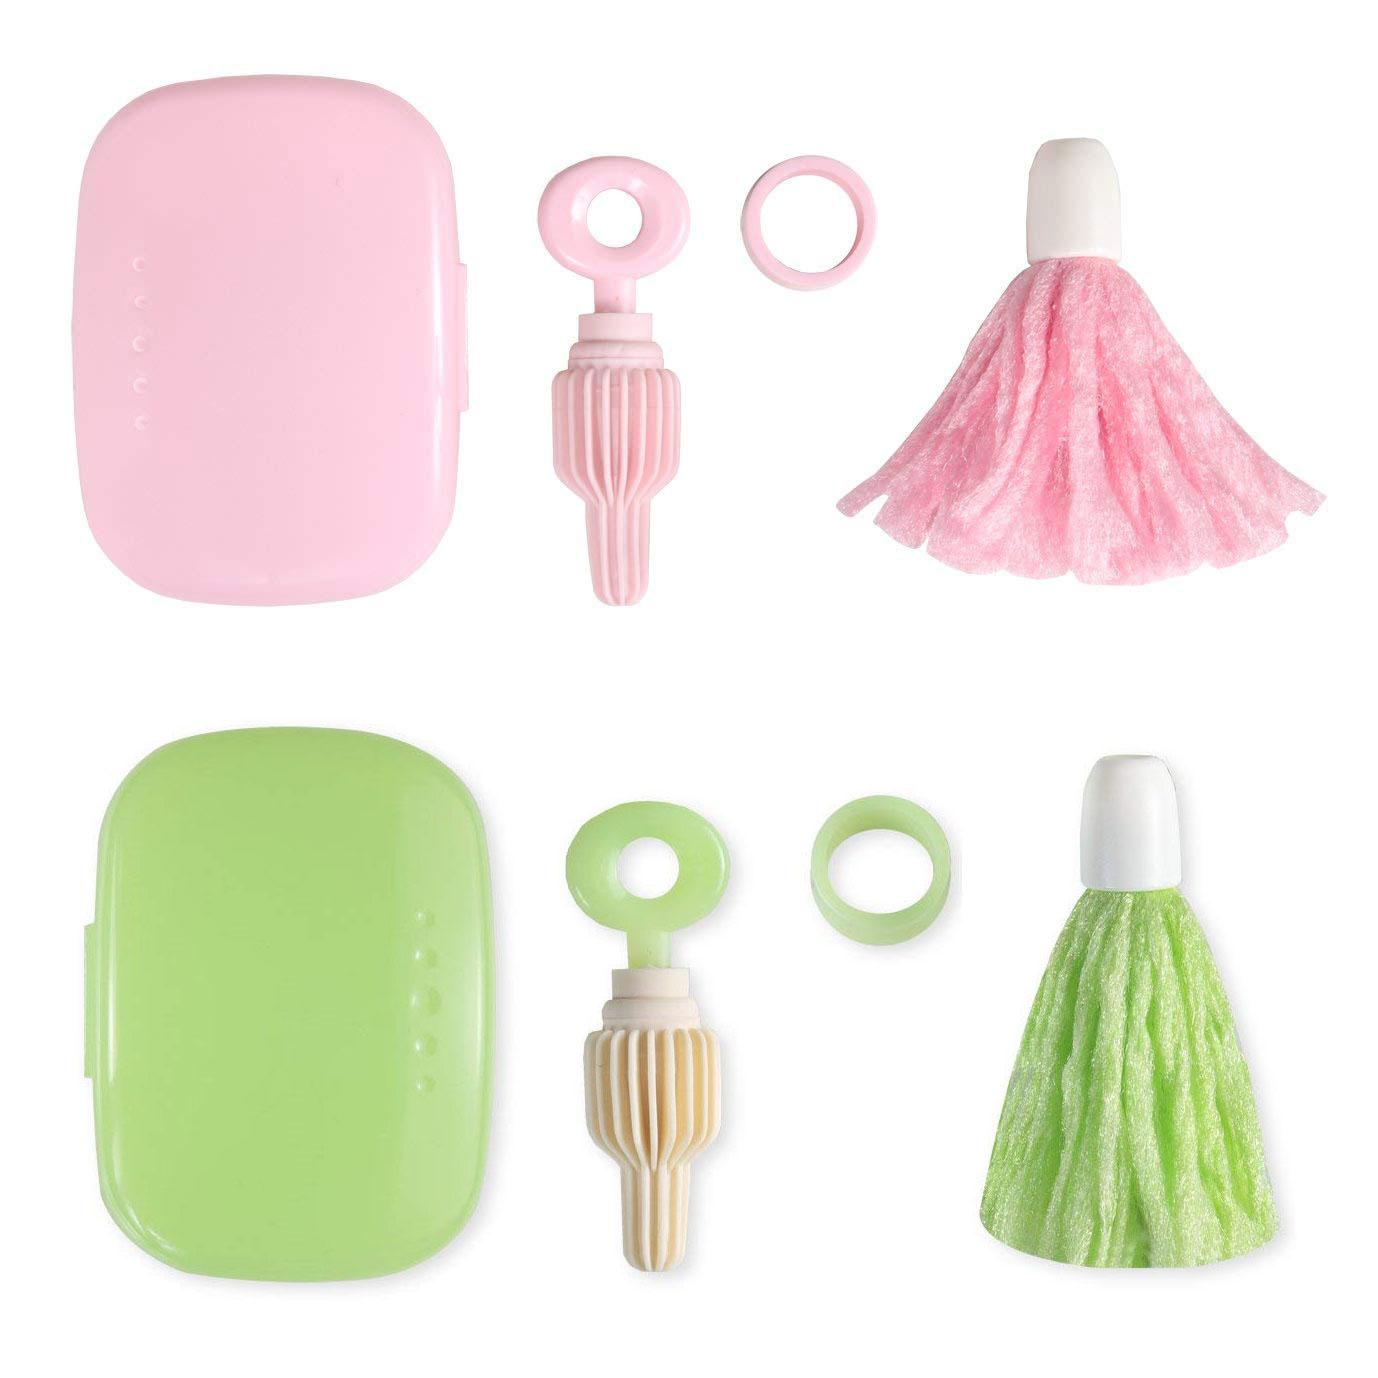 日本SANKO攜帶式魔法奶瓶刷組(粉色 / 綠色)嬰幼兒奶瓶奶嘴清潔刷 4